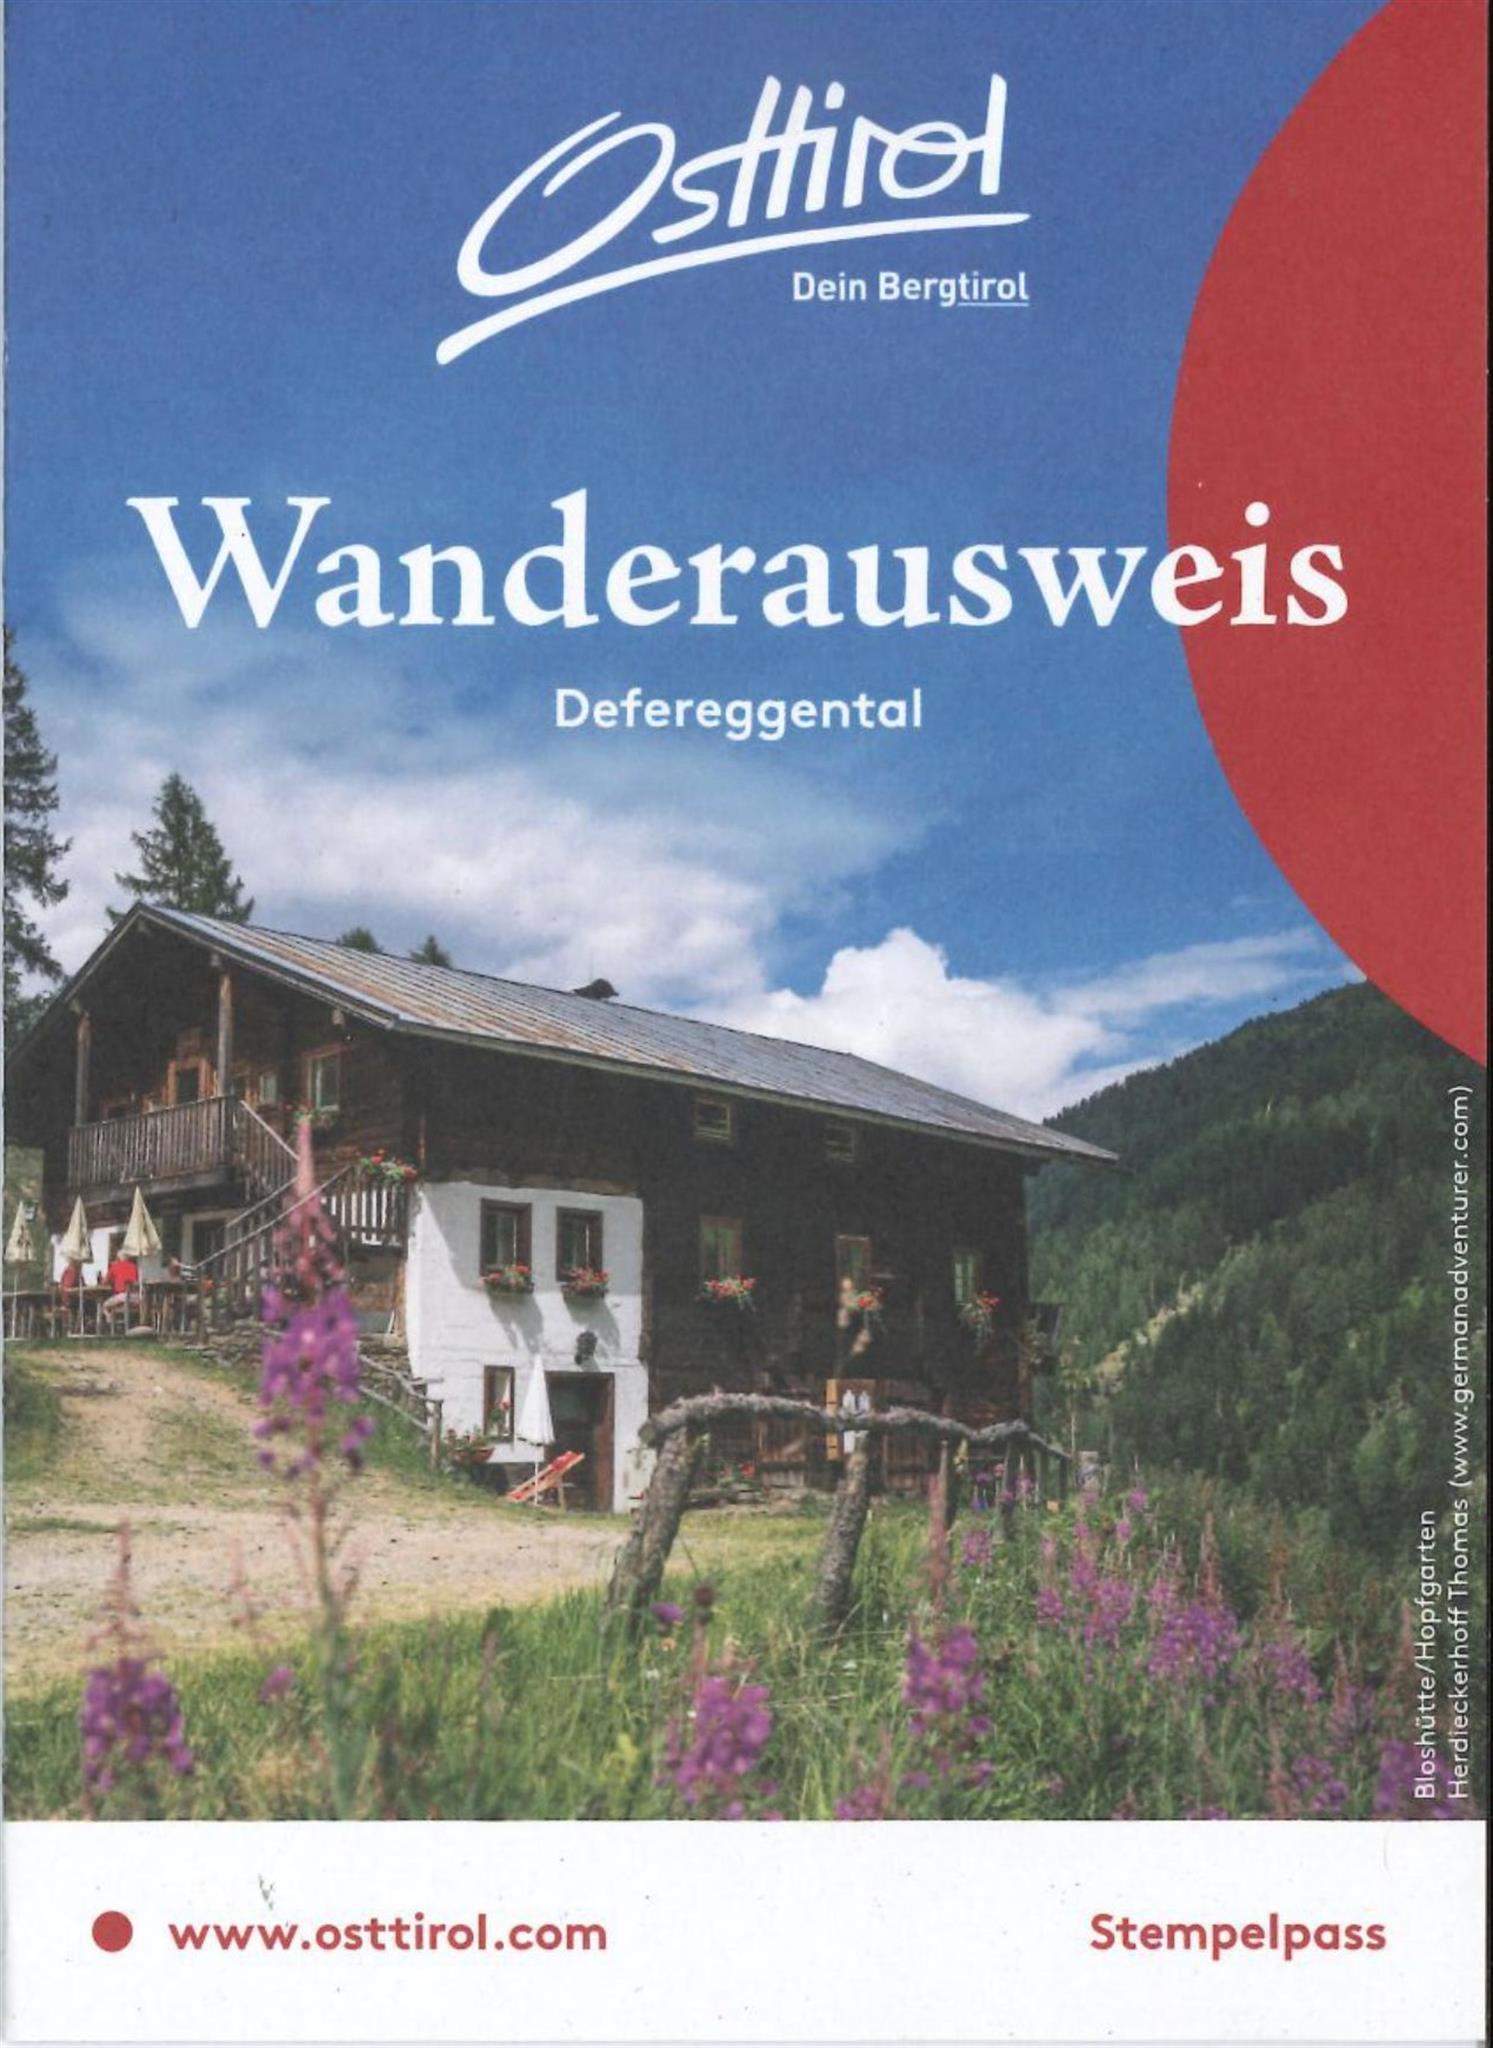 Wanderausweis.jpg